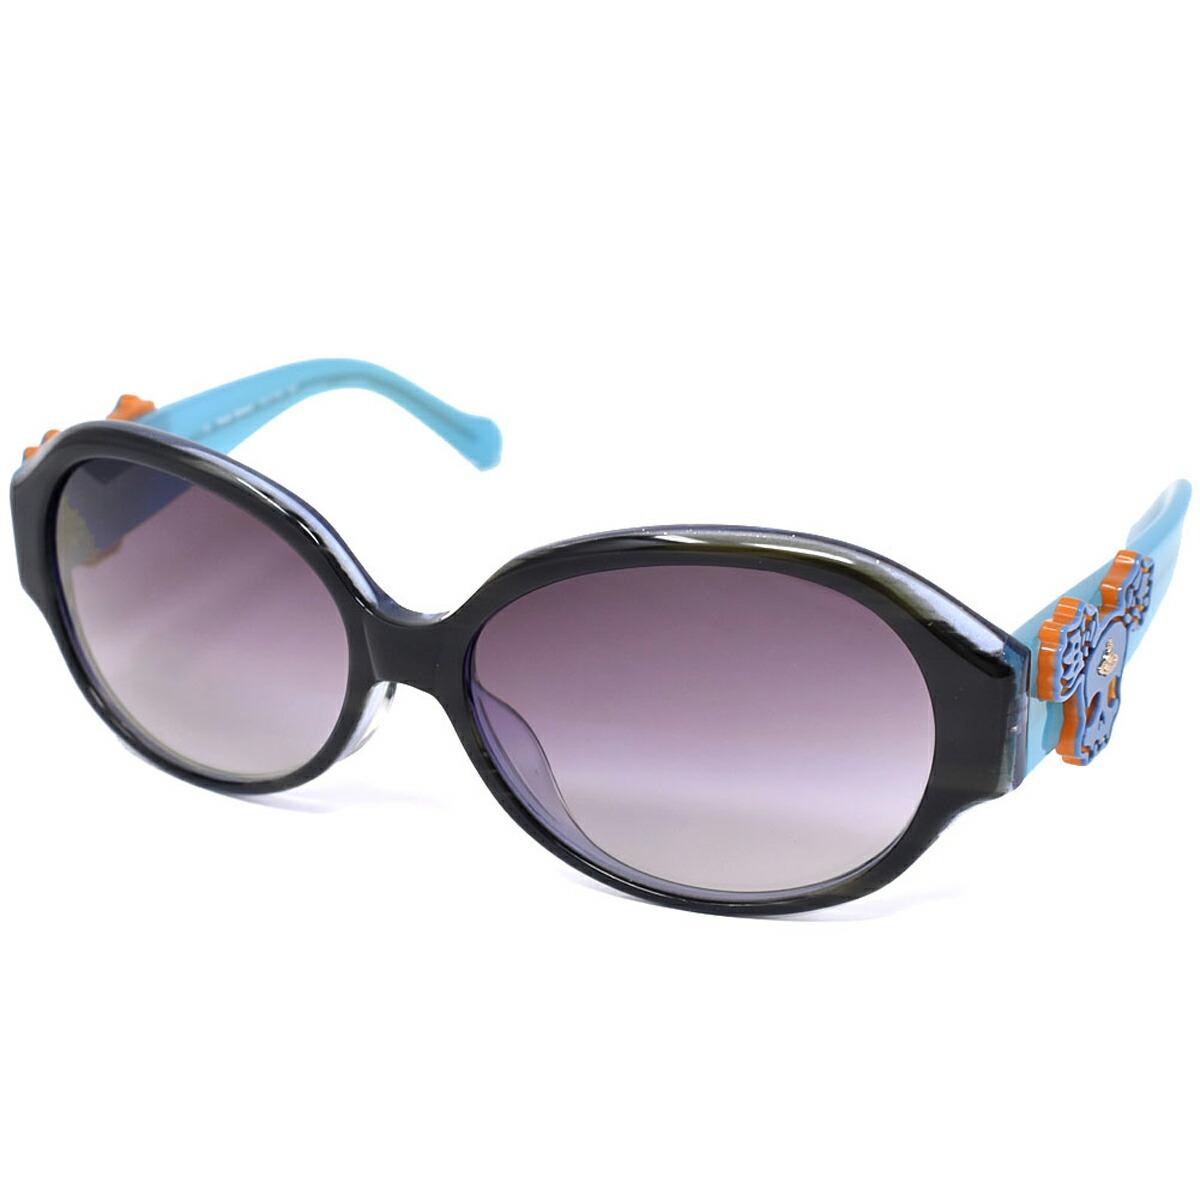 ヴィヴィアンウエストウッド Vivienne Westwood 7740 BB サングラス アジアンフィット メンズ レディース ブルー系